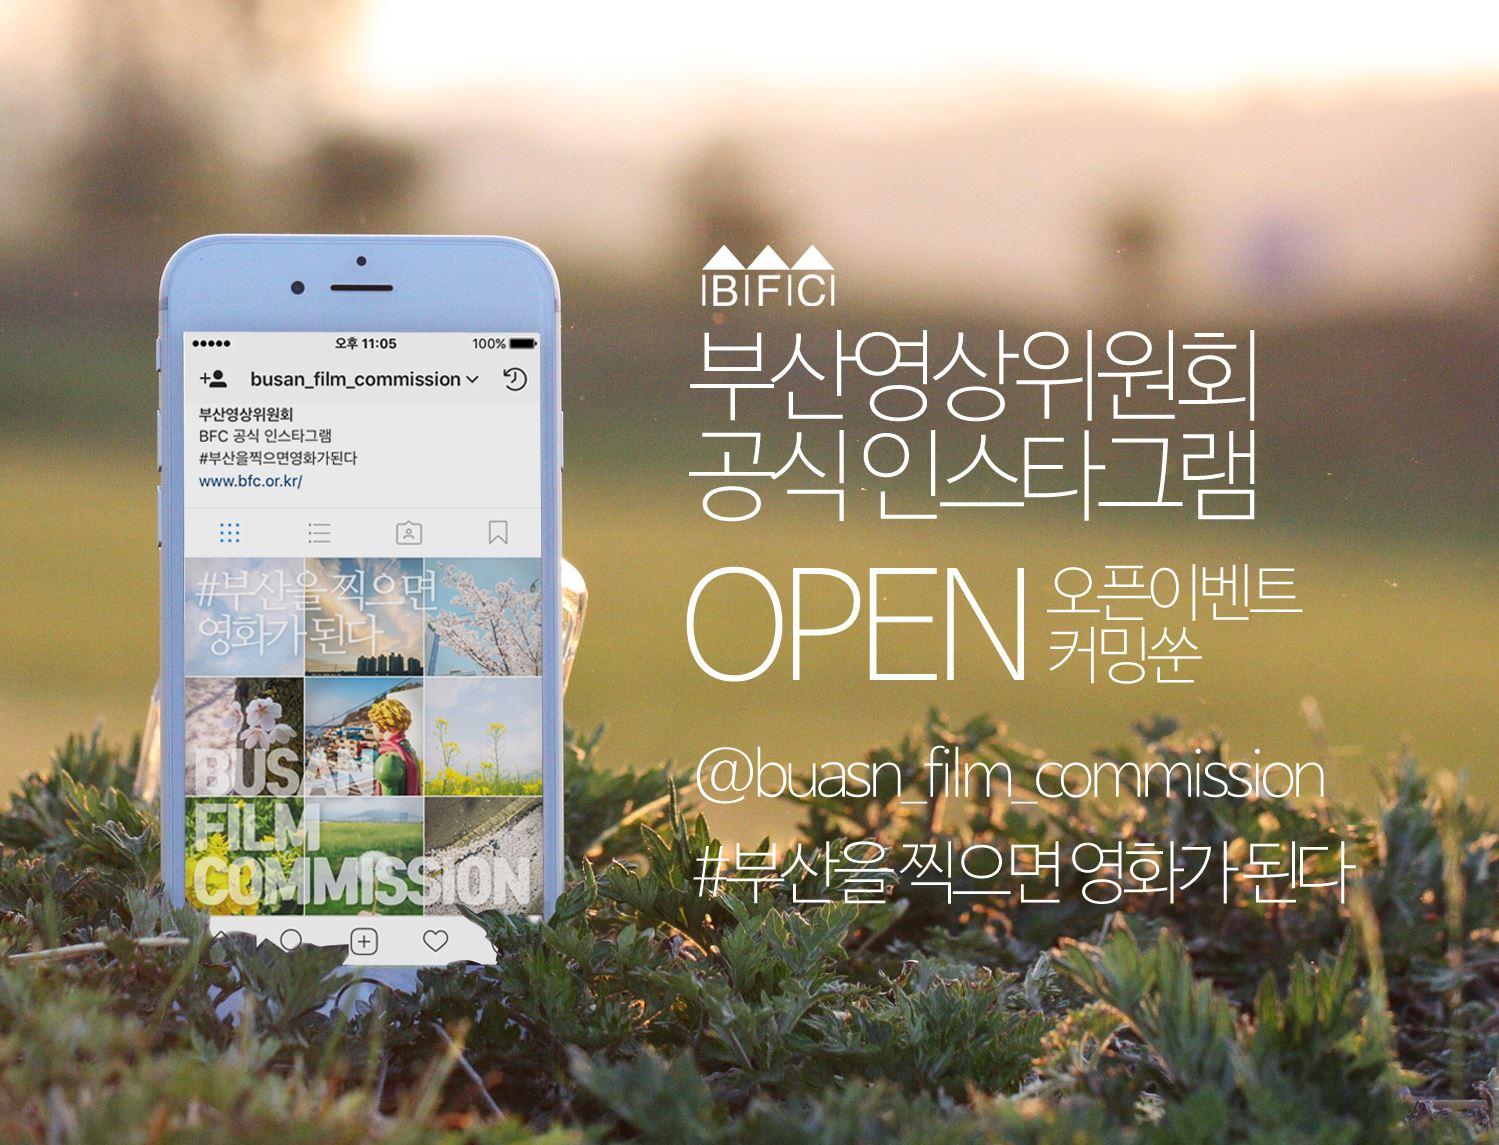 부산영상위원회 공식 인스타그램 오픈